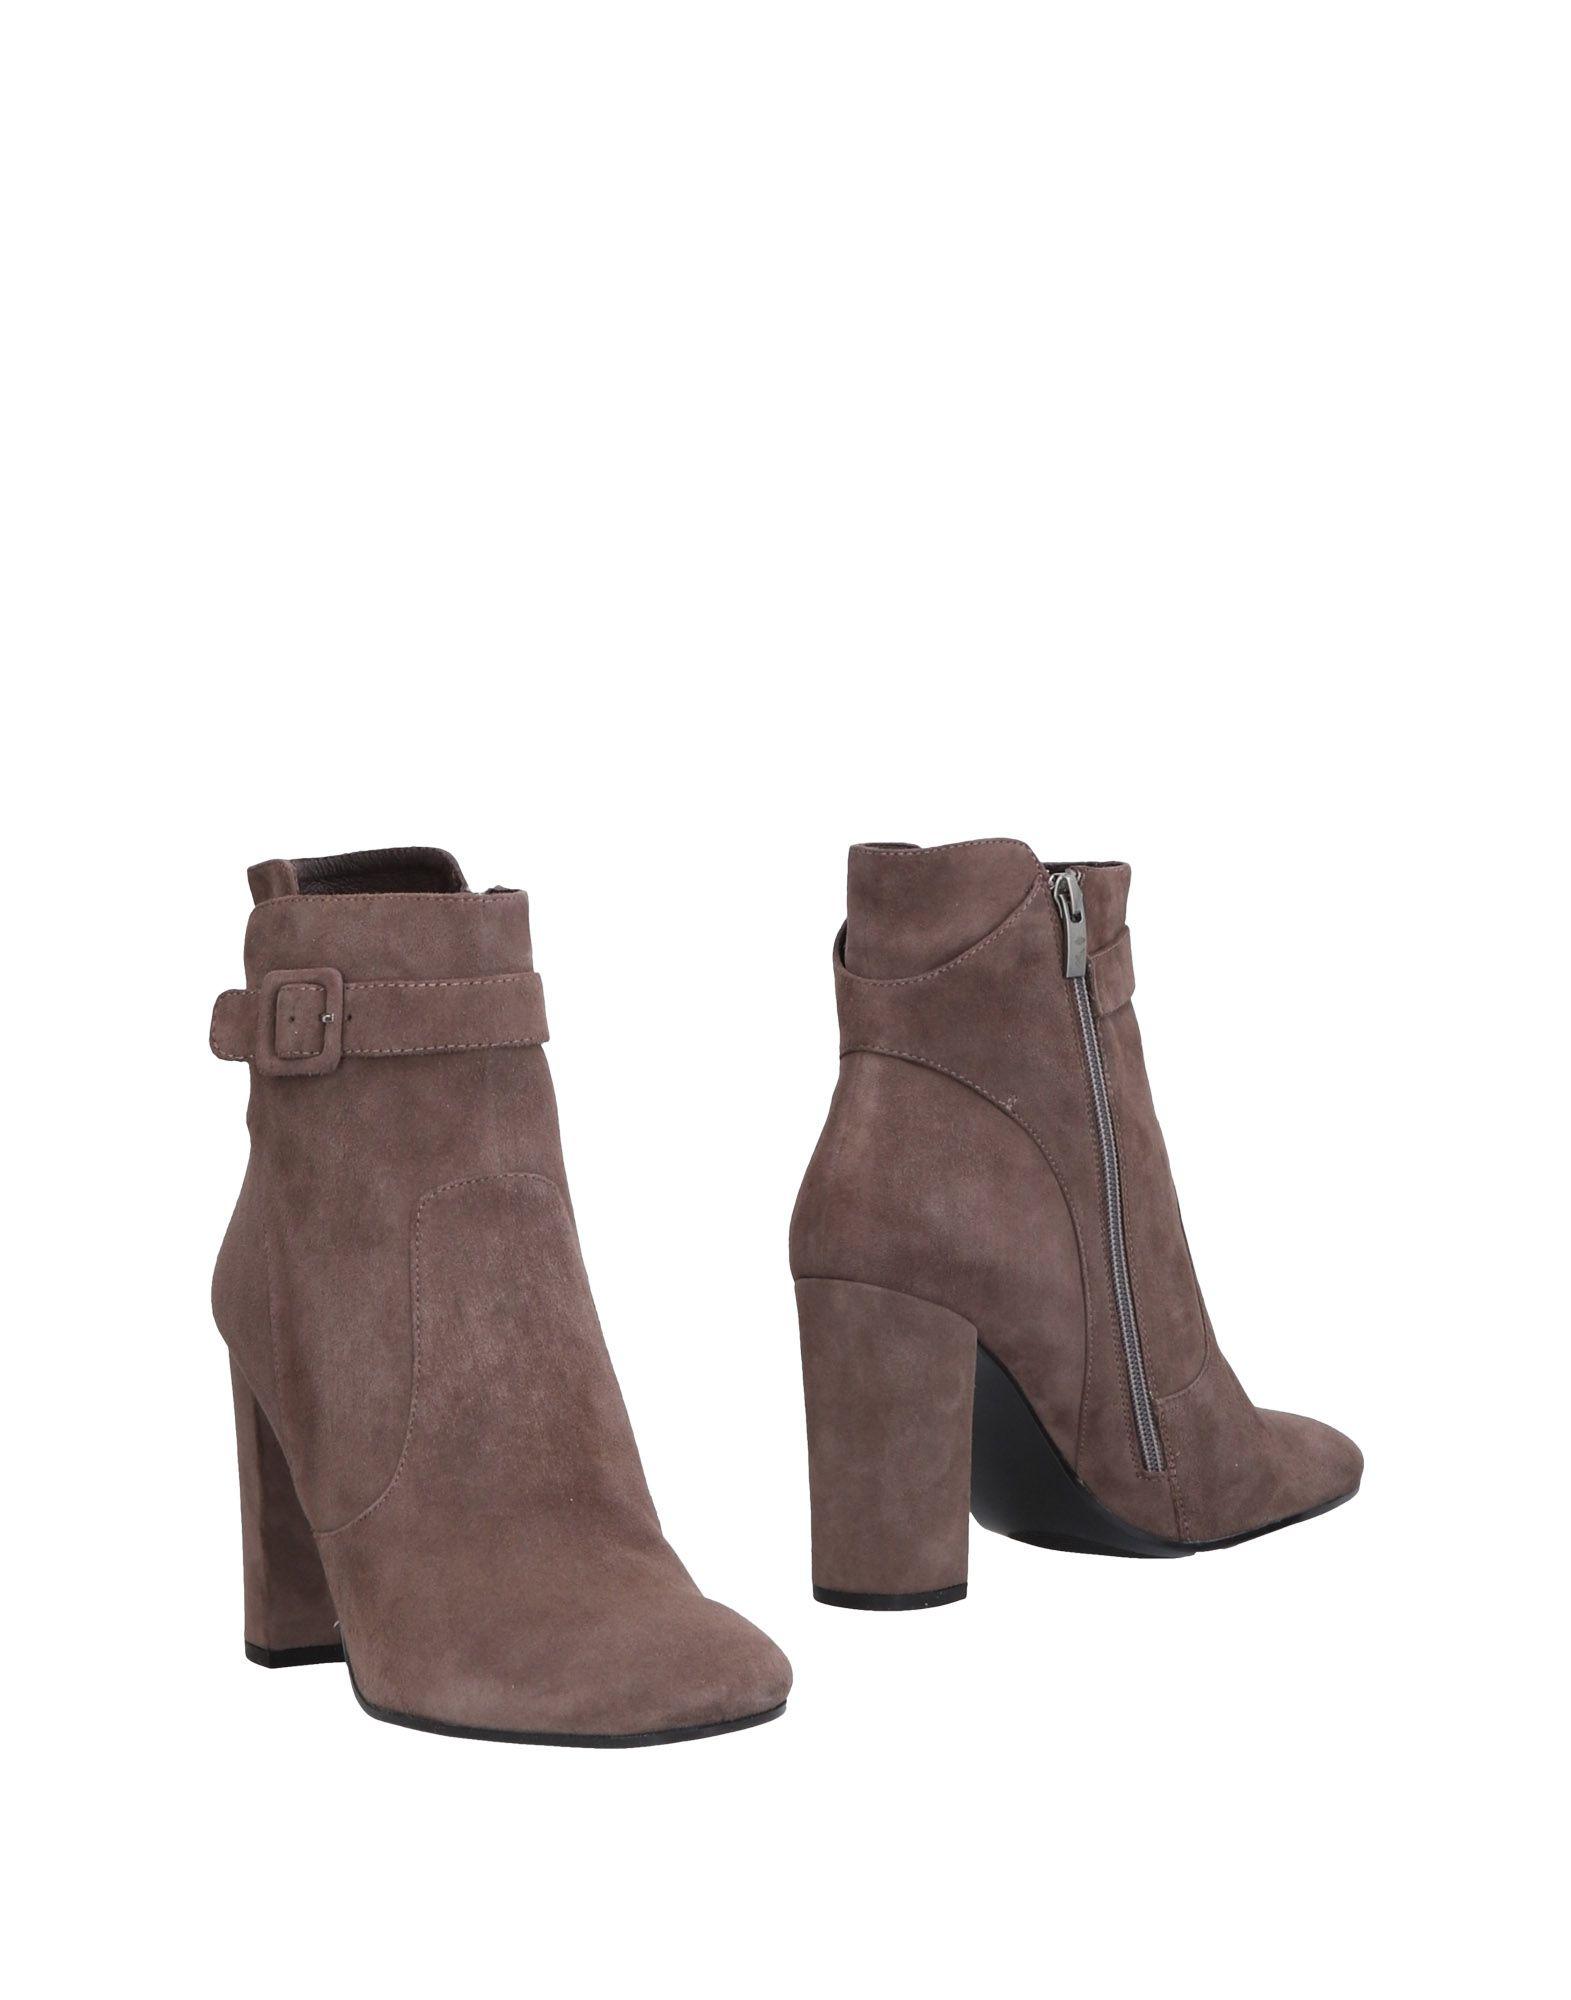 Bp Zone Stiefelette Damen 11460084WT Schuhe Gute Qualität beliebte Schuhe 11460084WT 2047fc